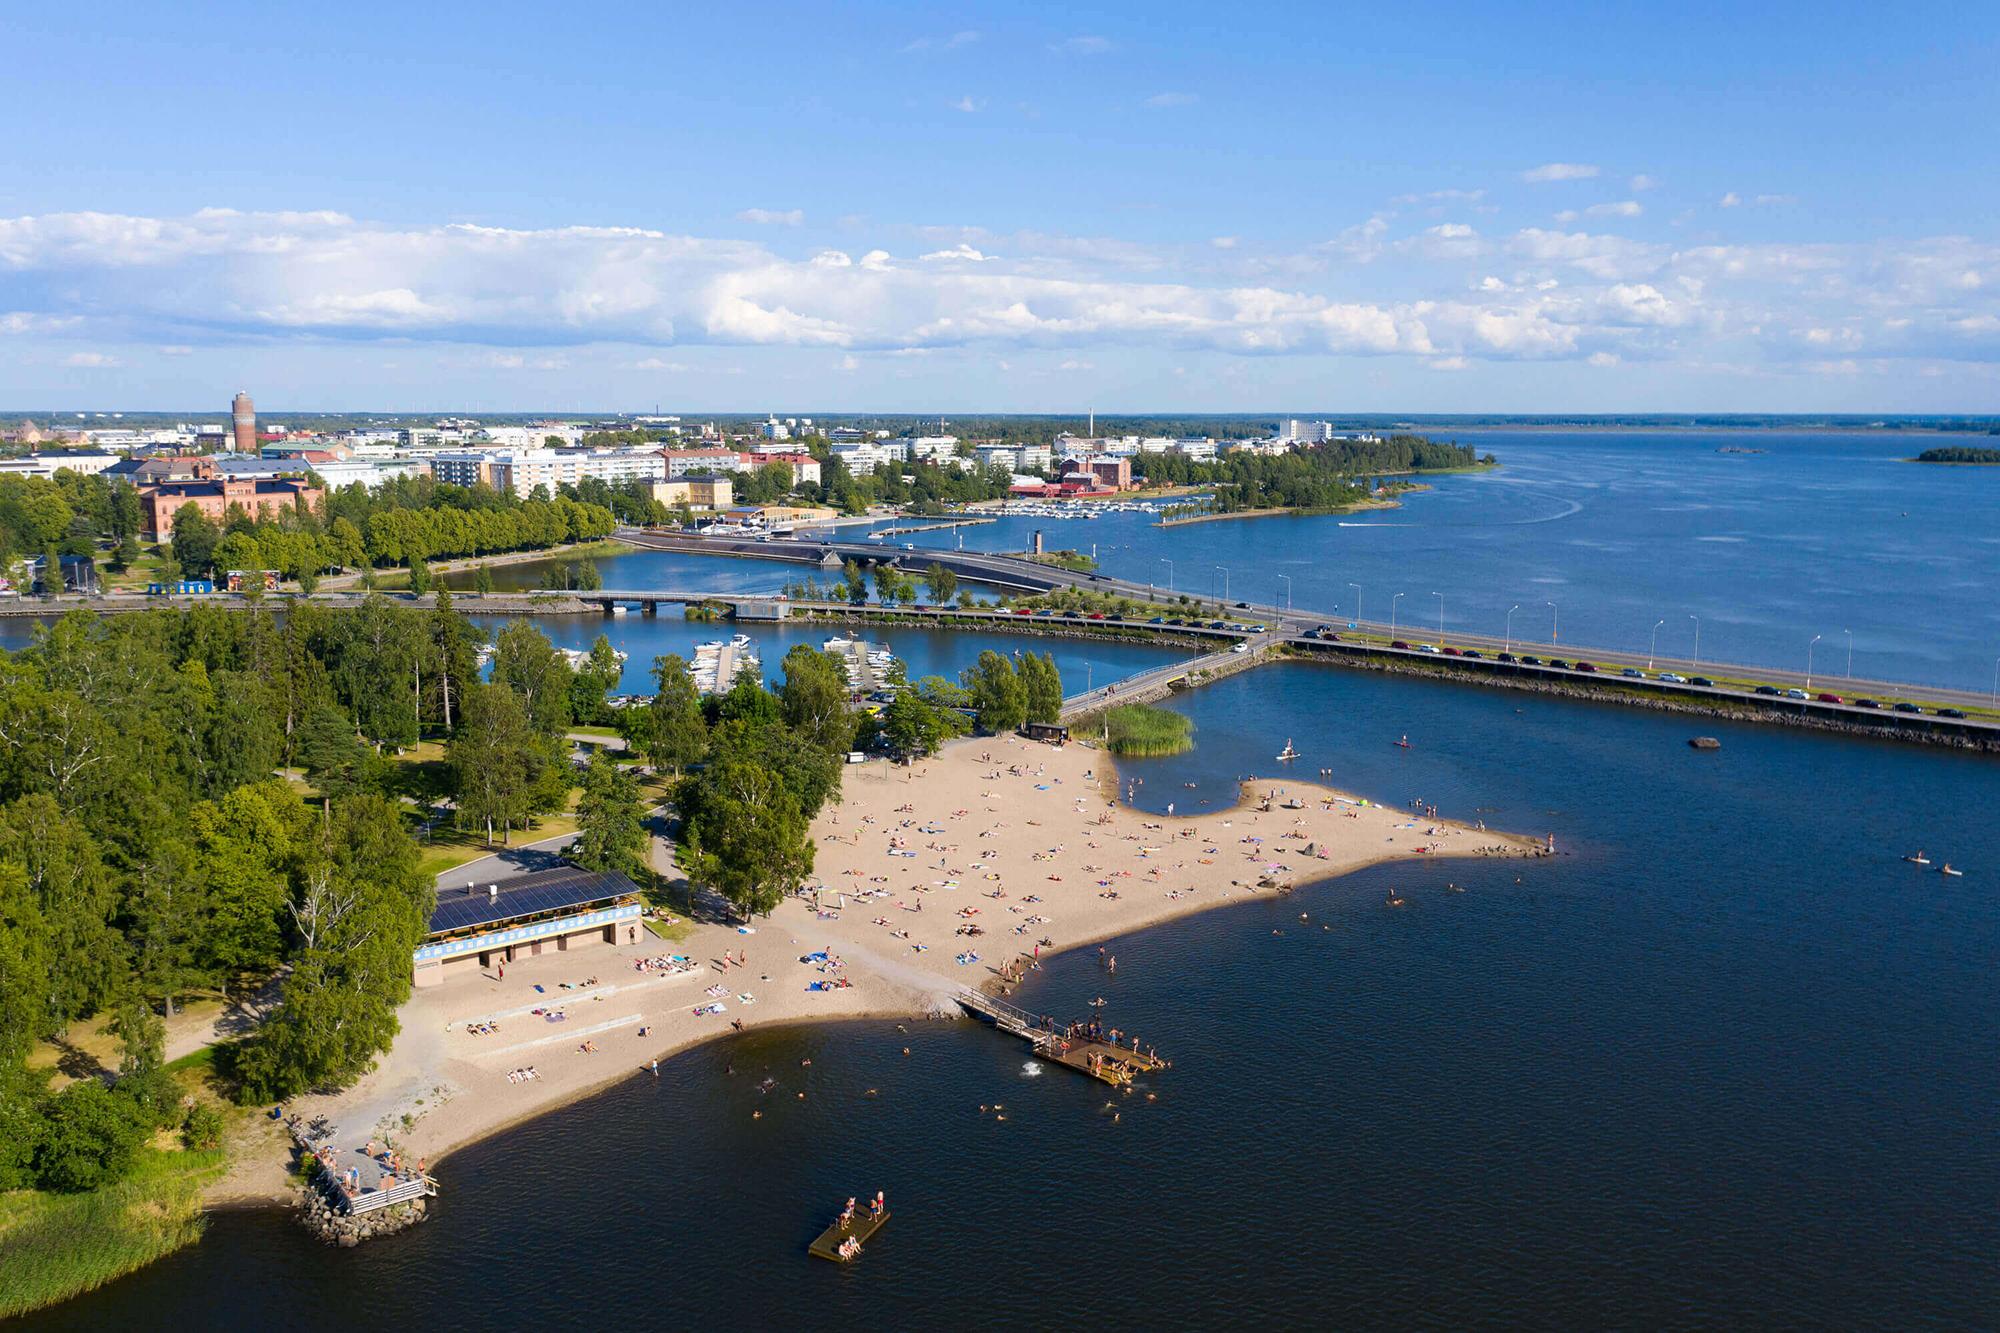 Die finnische Stadt Vaasa an der Kvarken Wasserstraße im Bottnischen Meerbusen